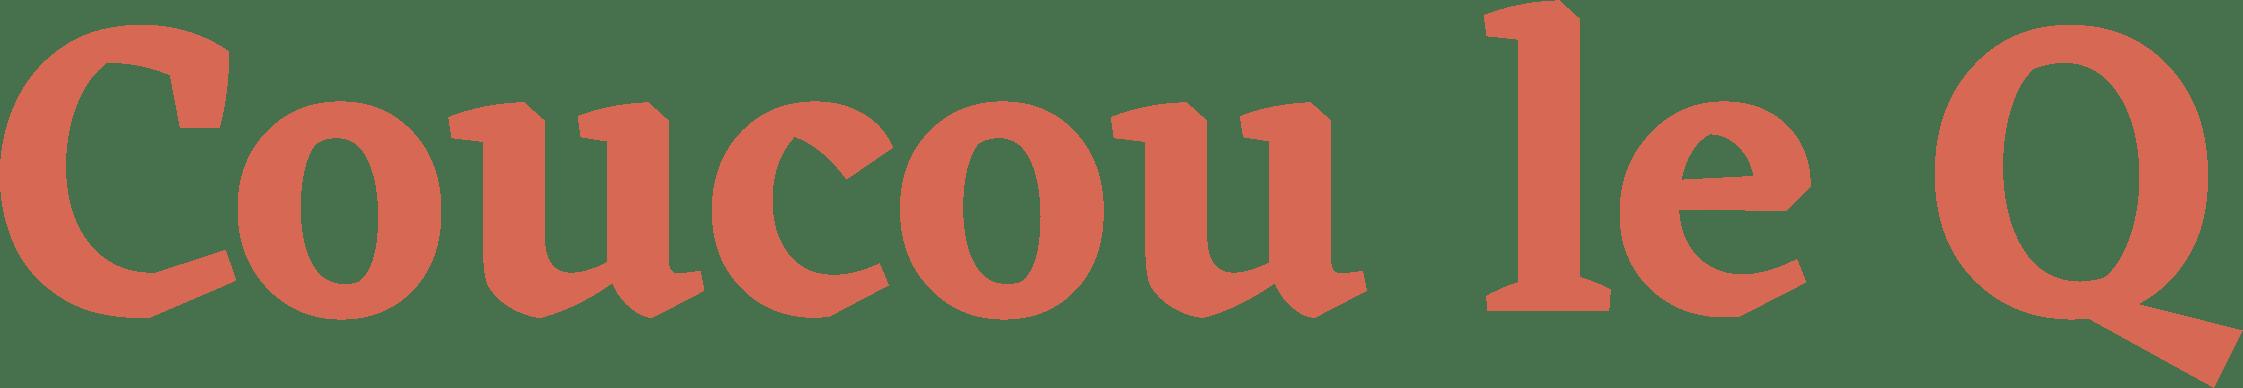 Coucou le Q title